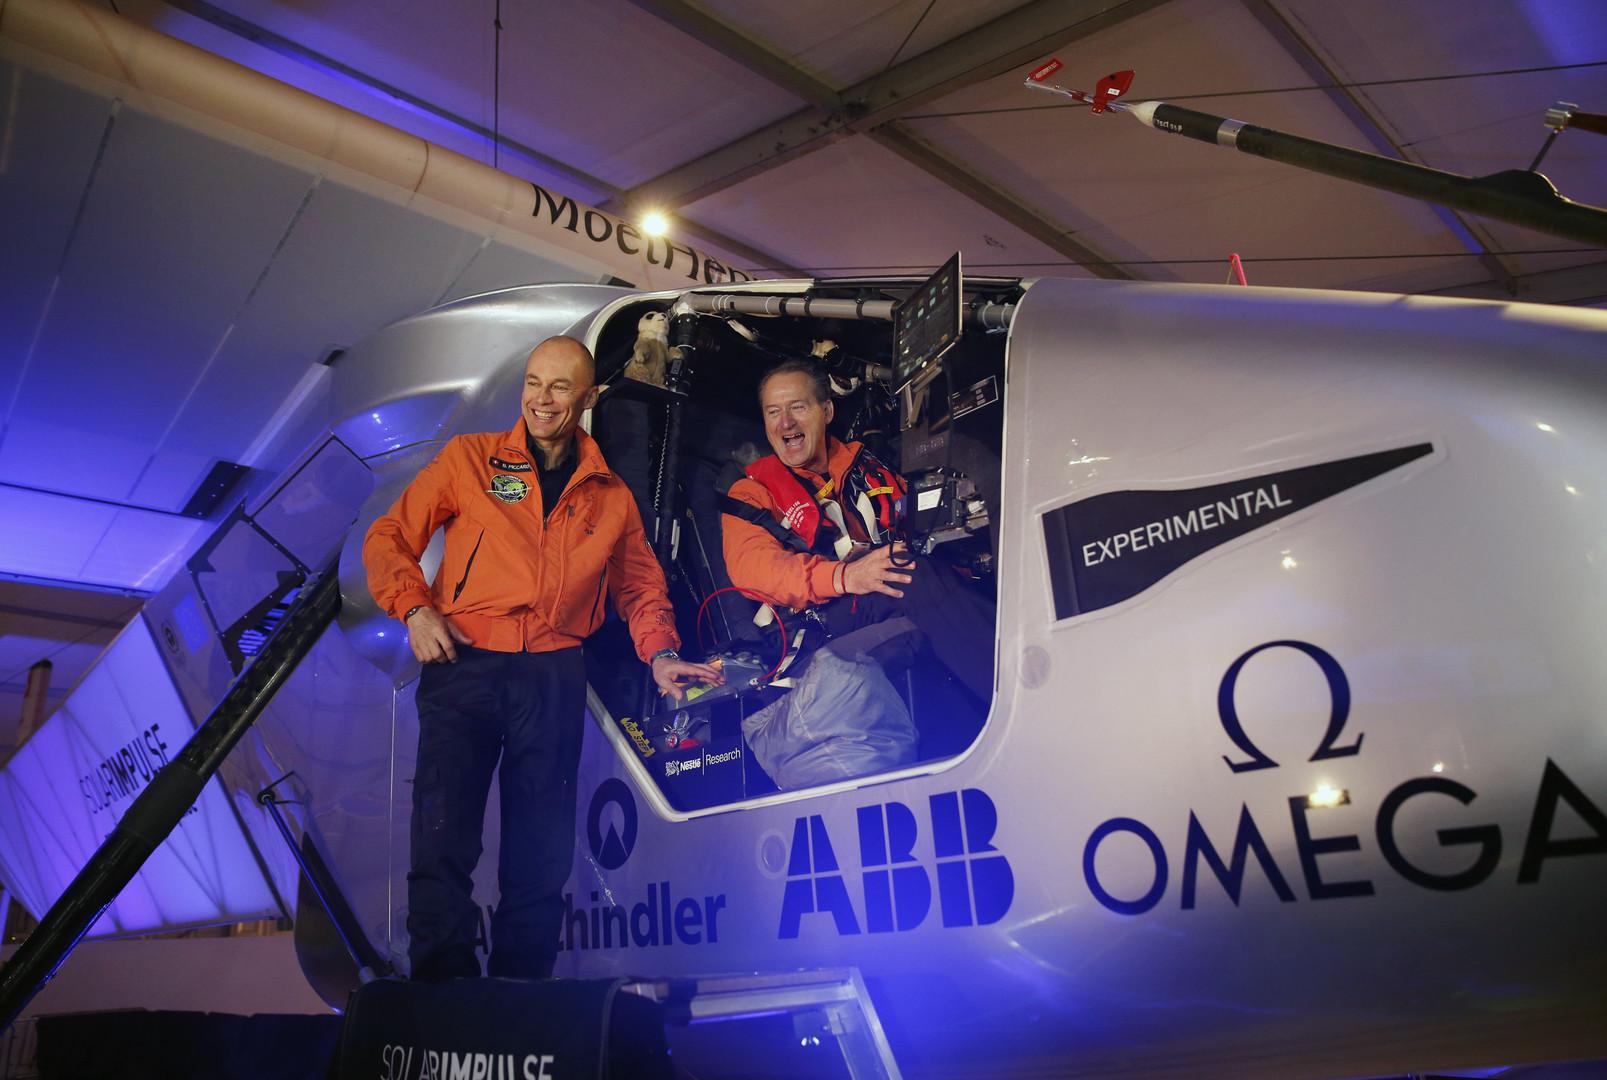 Швейцарские пилоты Андре Боршберг и Бертран Пиккар перед кругосветным полётом на Solar Impulse 2 в Абу-Даби, 9 марта 2015 года